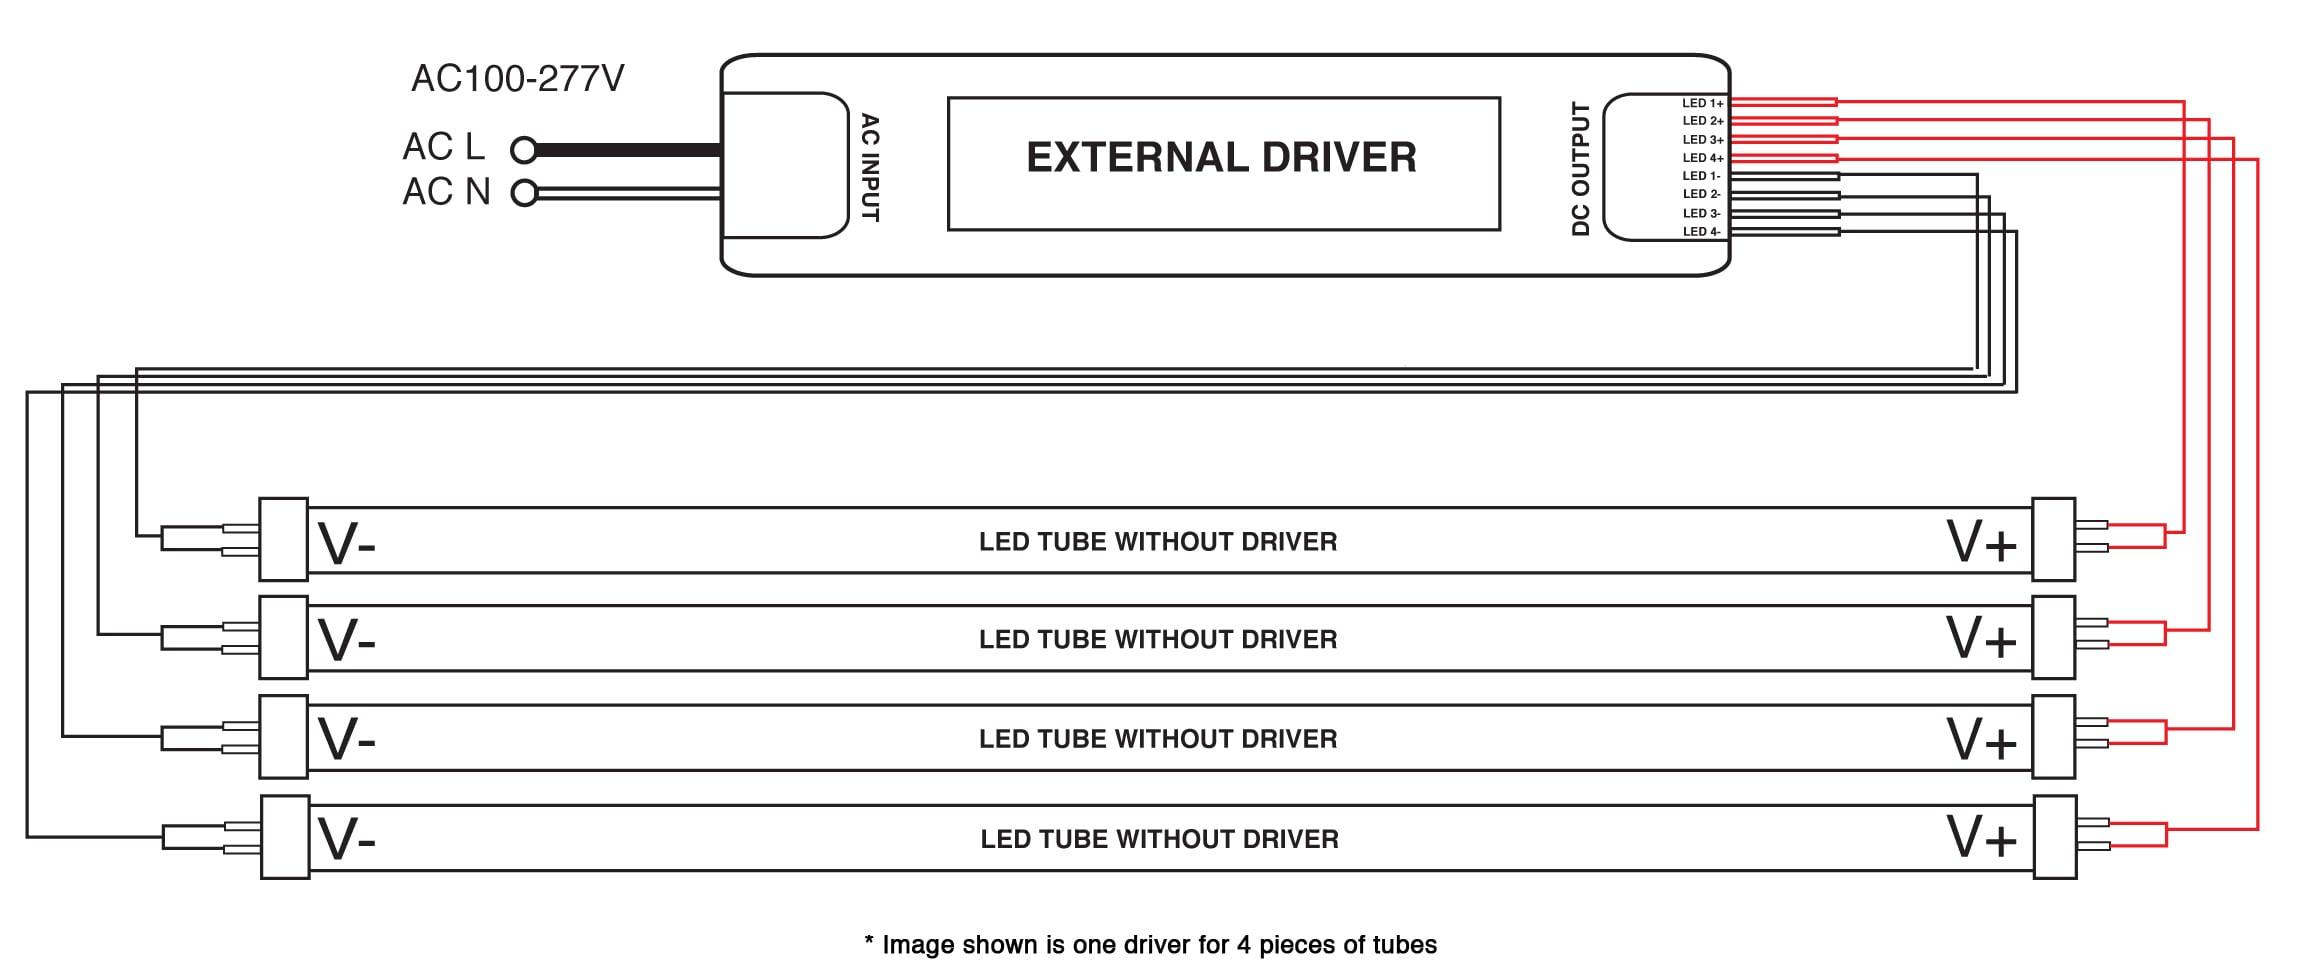 Tube Led Driver Wiring Diagram External - V2203 Wiring Diagram - basic- wiring.2005vtx.jeanjaures37.fr | Tube Led Driver Wiring Diagram External |  | Wiring Diagram Resource